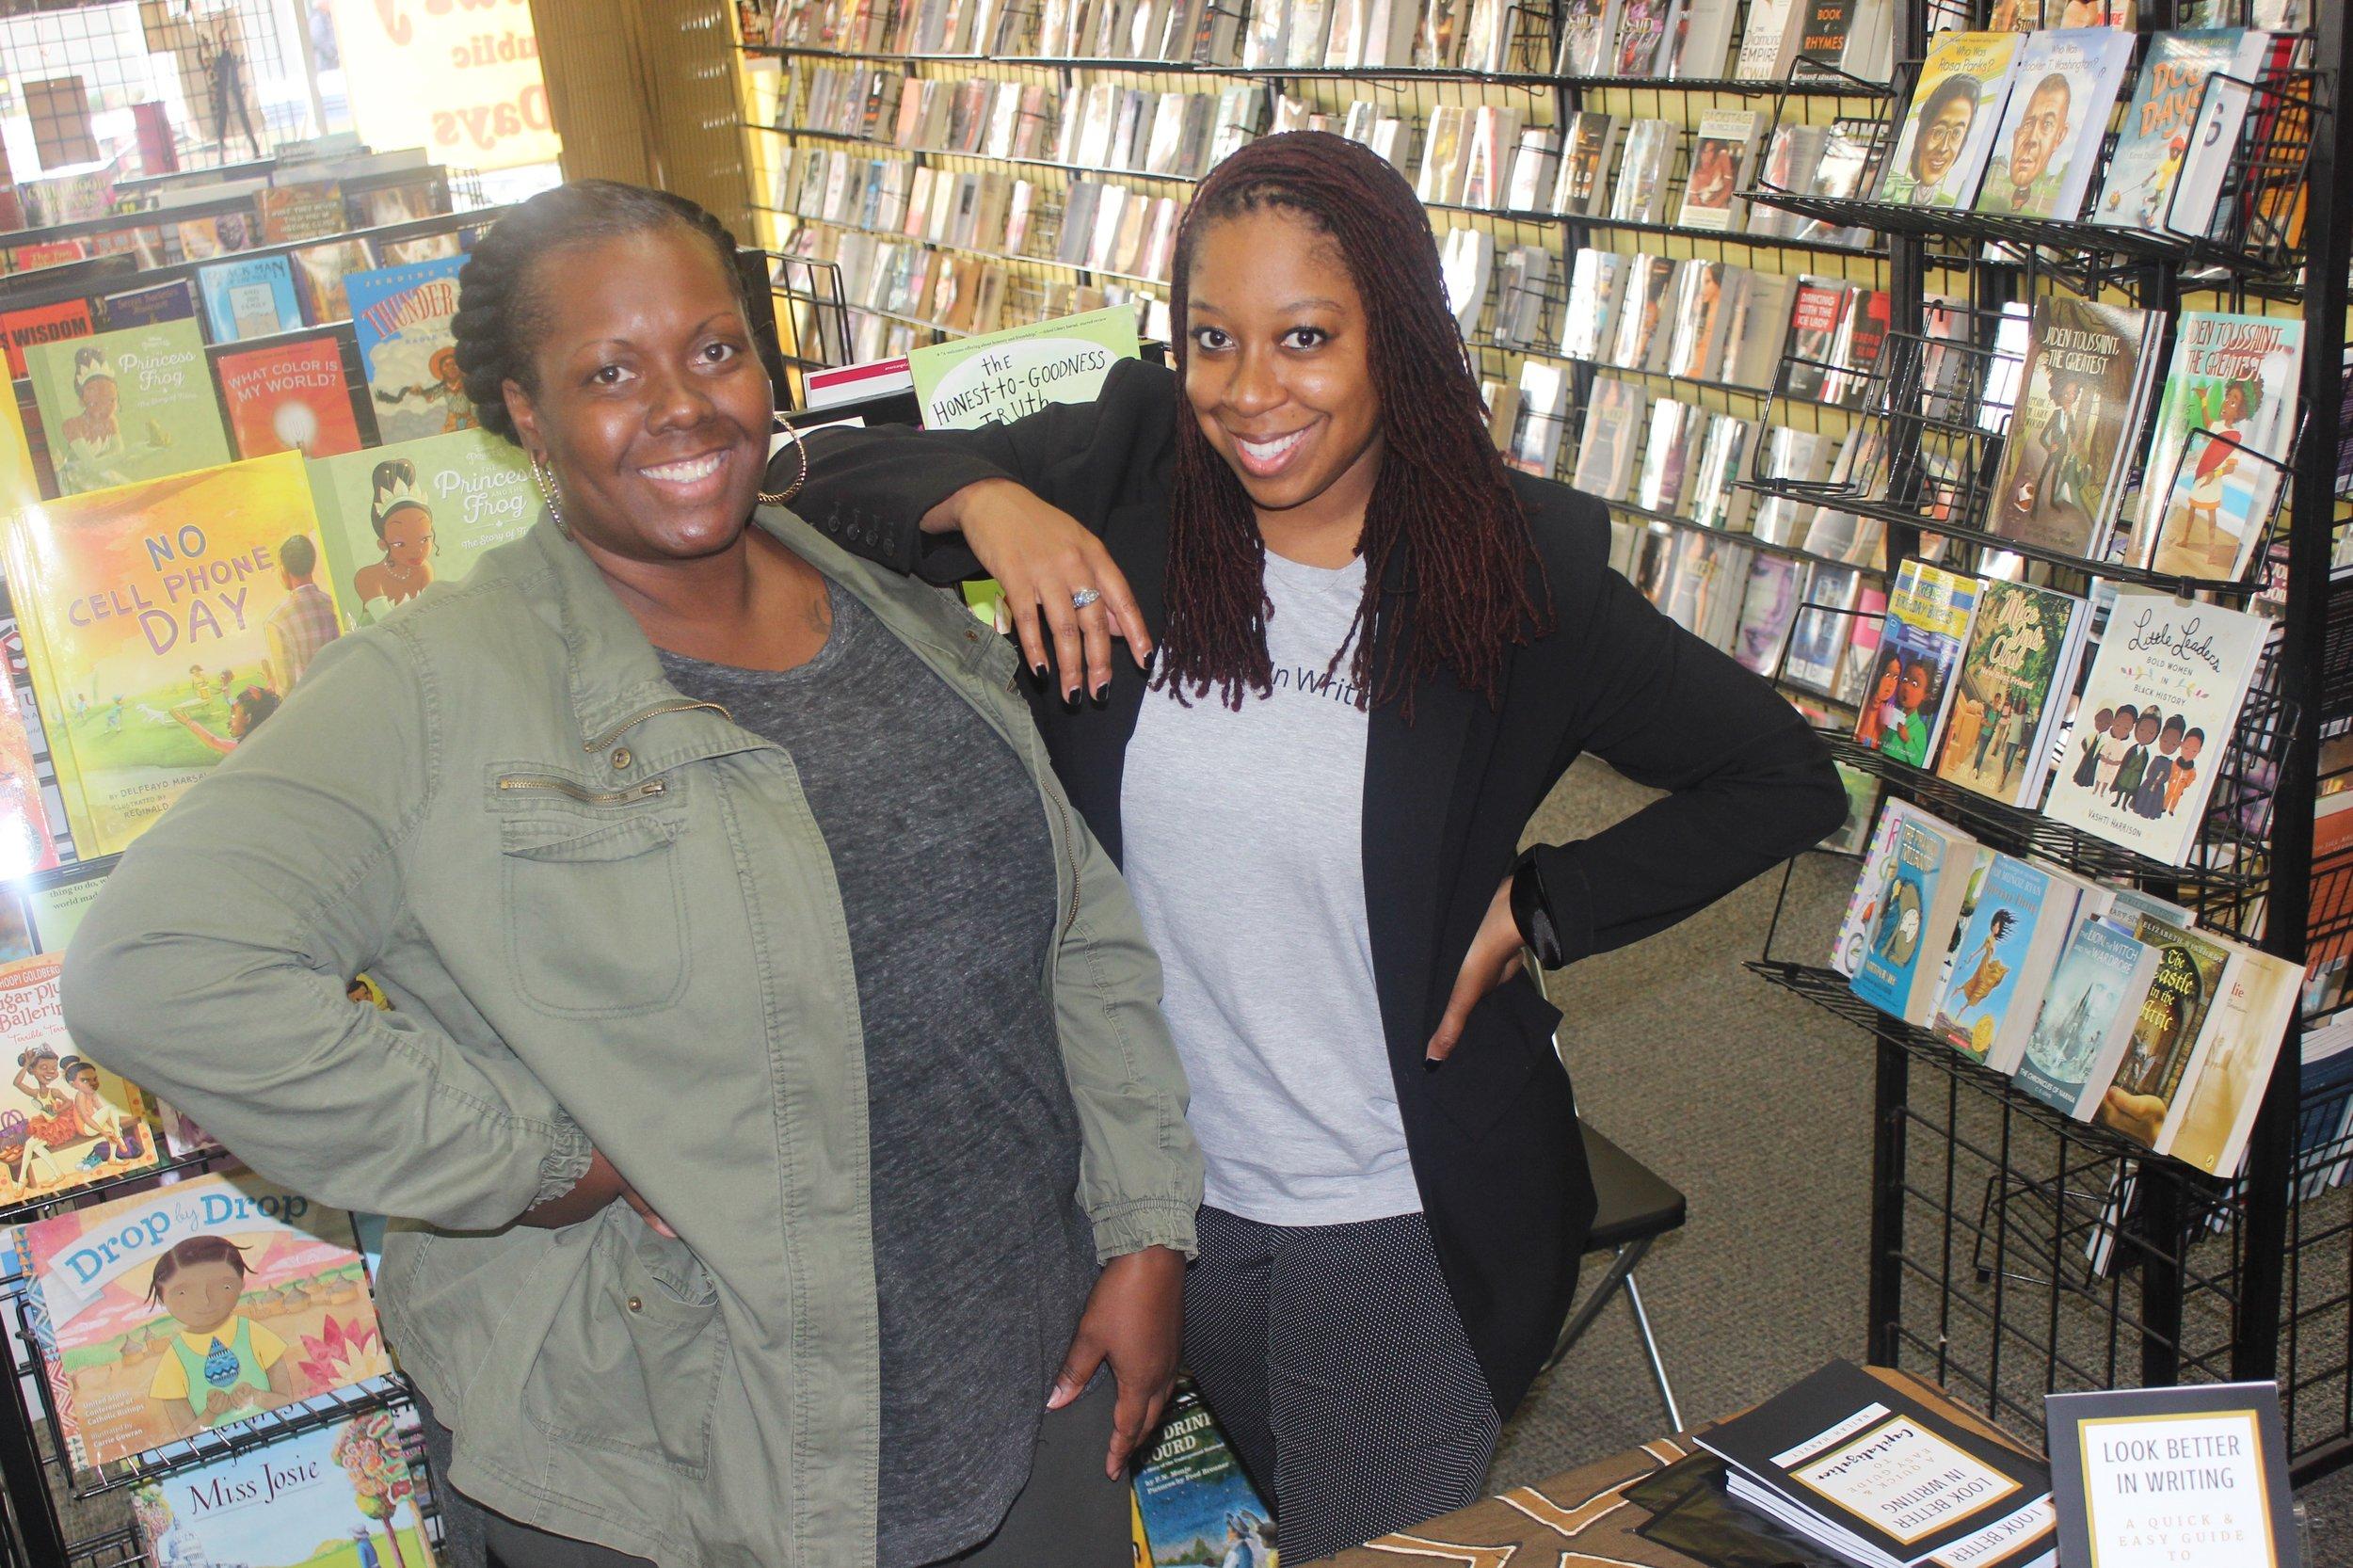 Nailah Harvey Book Signing with Ericka.JPG